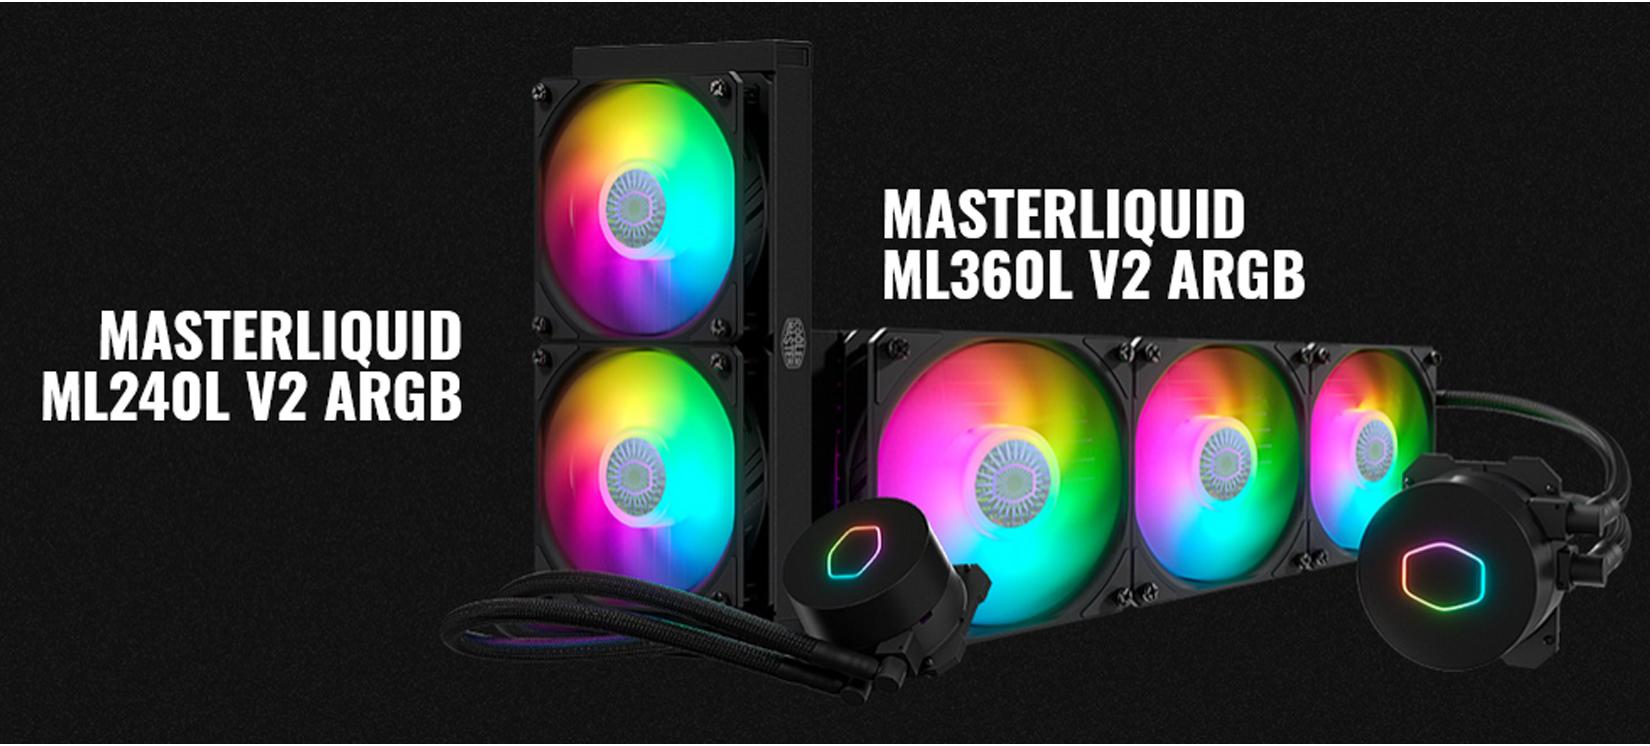 Tản nhiệt nước CPU Cooler Master MasterLiQuid ML240L ARGB V2 đem lại trải nghiệm phương pháp làm mát đầy màu sắc